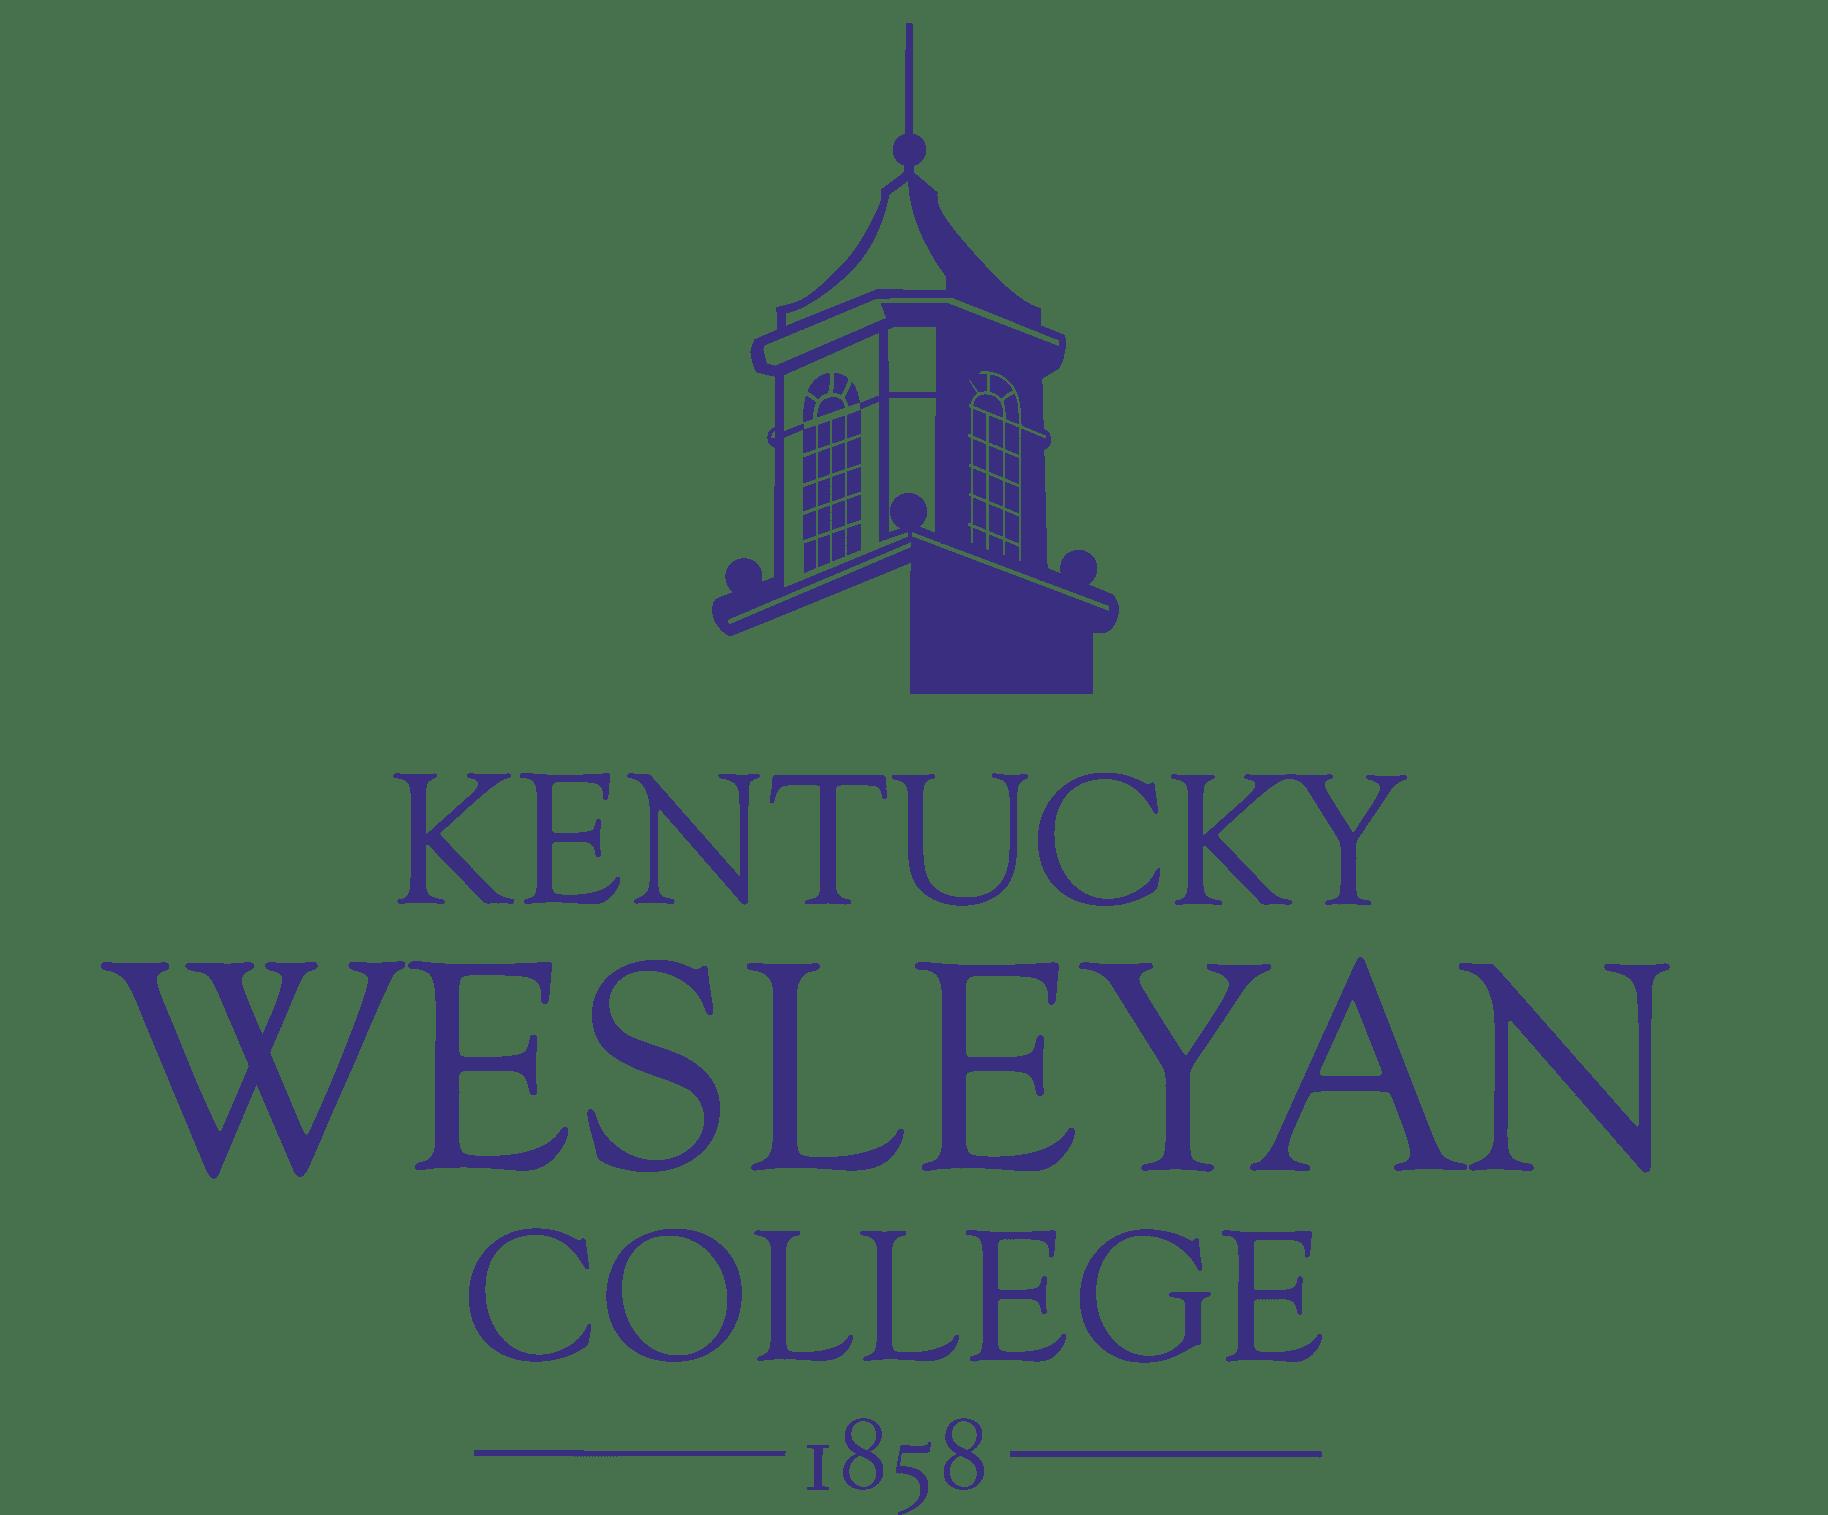 Kentucky Wesleyan College - Top 30 Best Graphic Design Degree Programs 2020